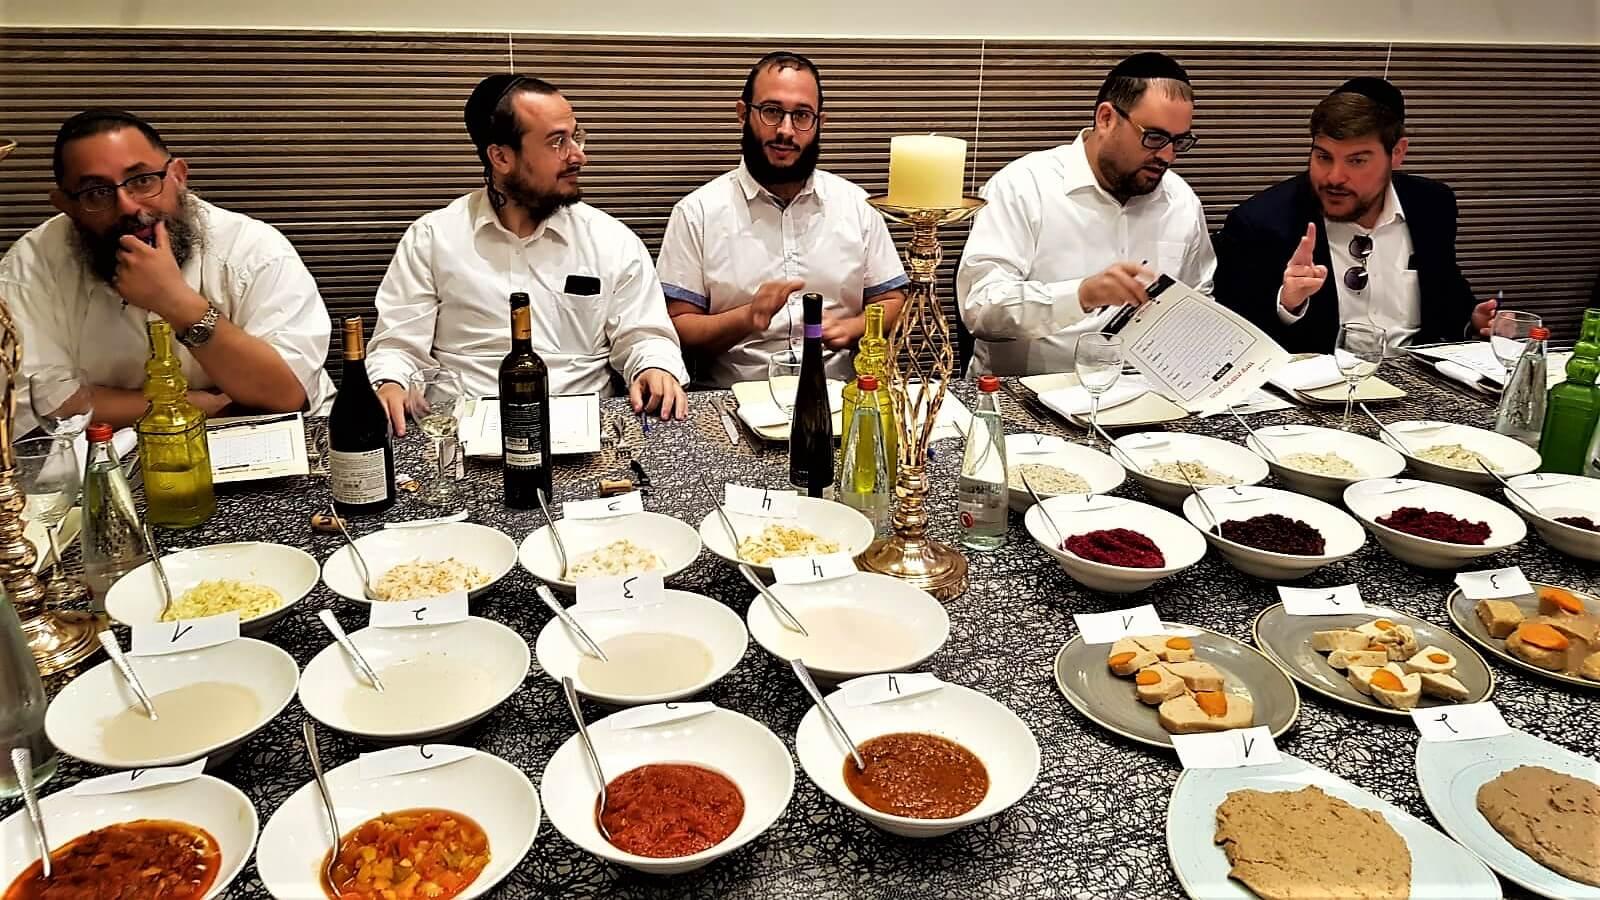 הלכנו למבחן טעימות עיוור במסעדה היהודית וזה מה שקרה שם 1